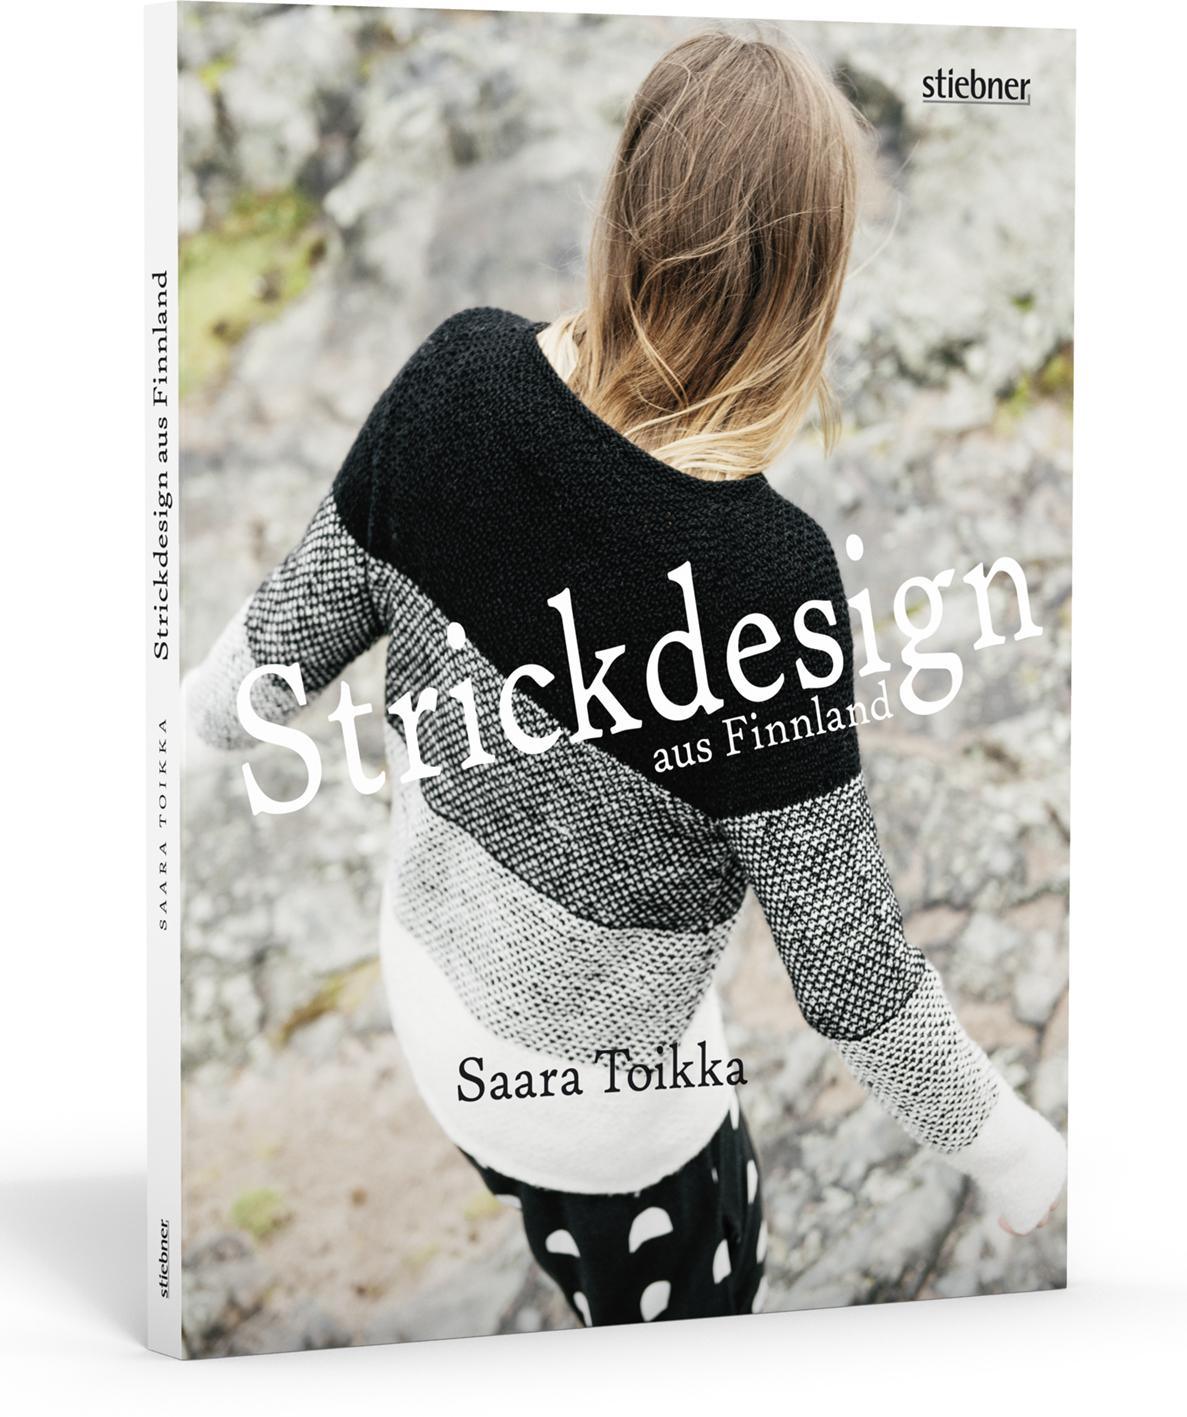 Strickdesign aus Finnland (Saara Toikka)